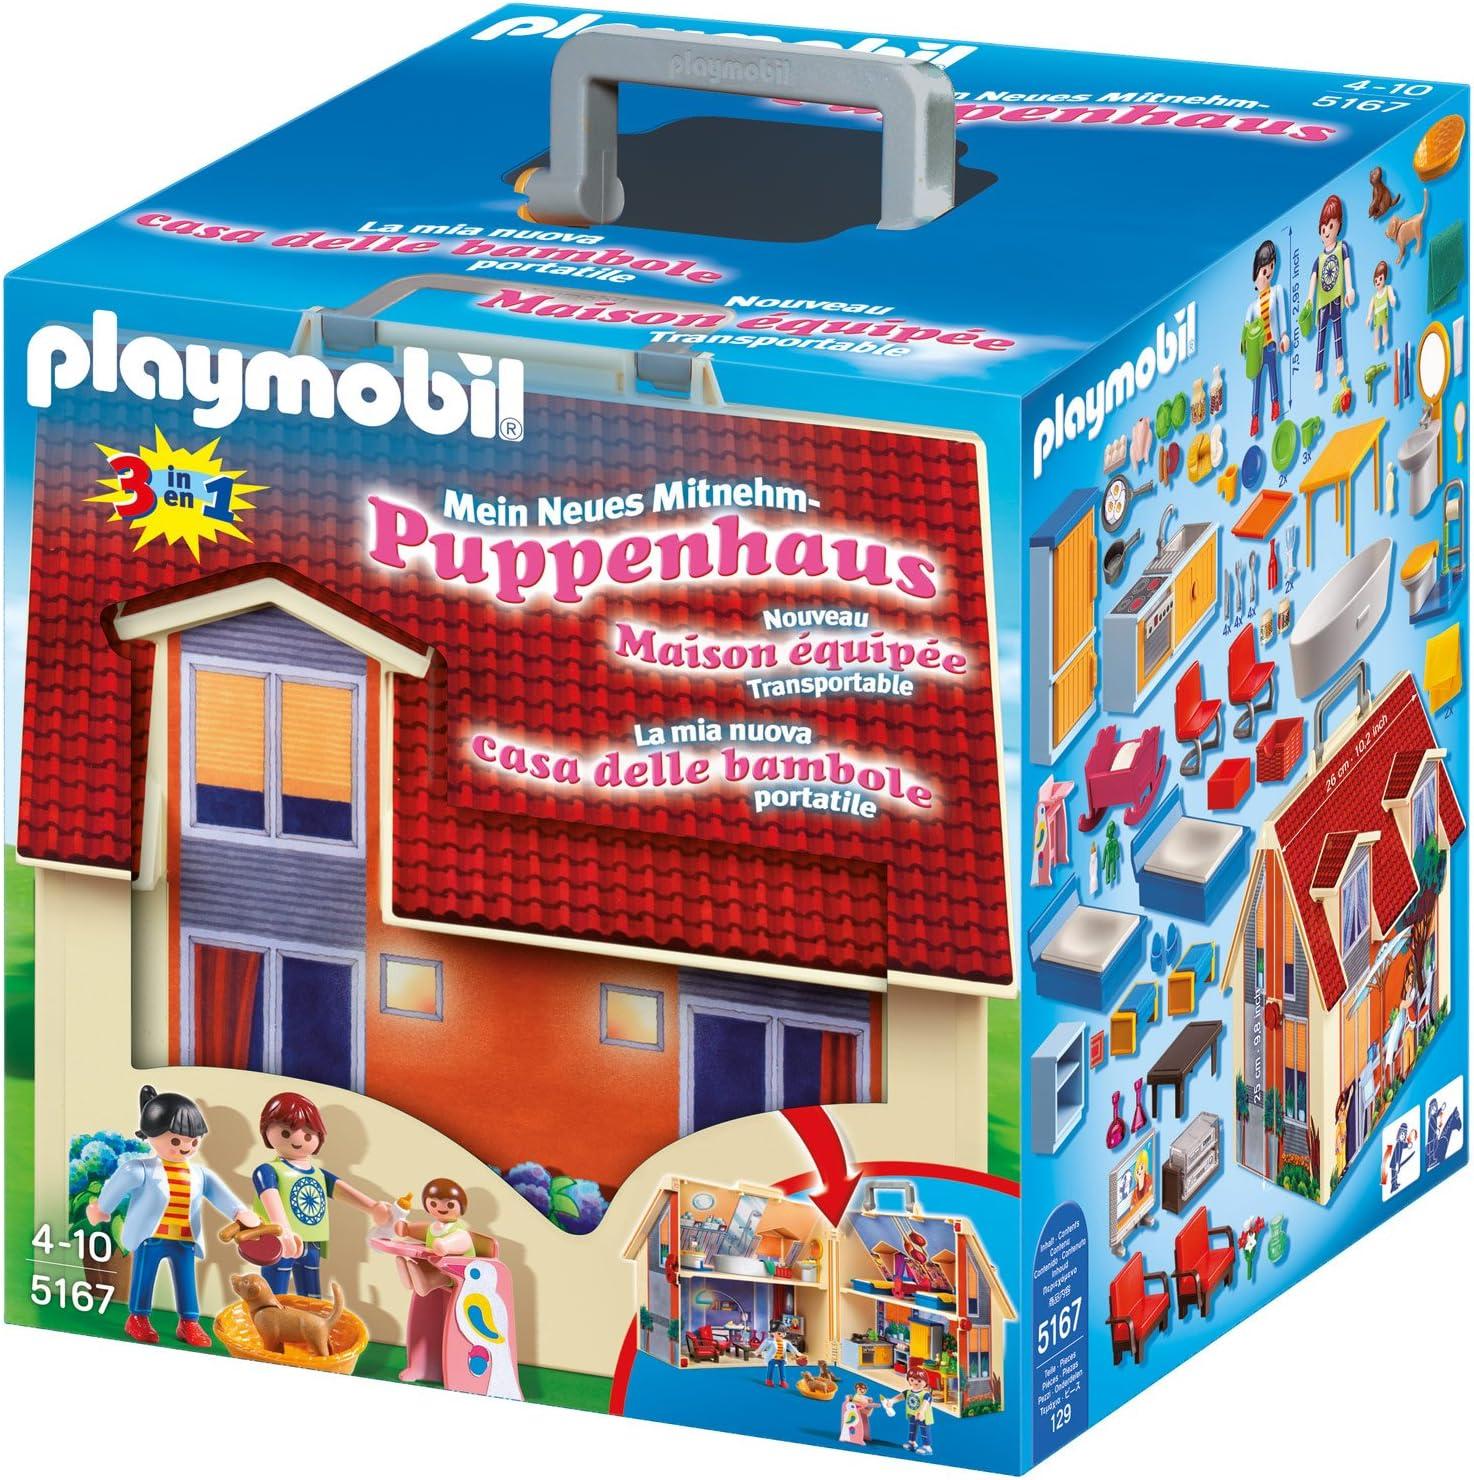 Playmobil Haus - Mitnehm-Puppenhaus